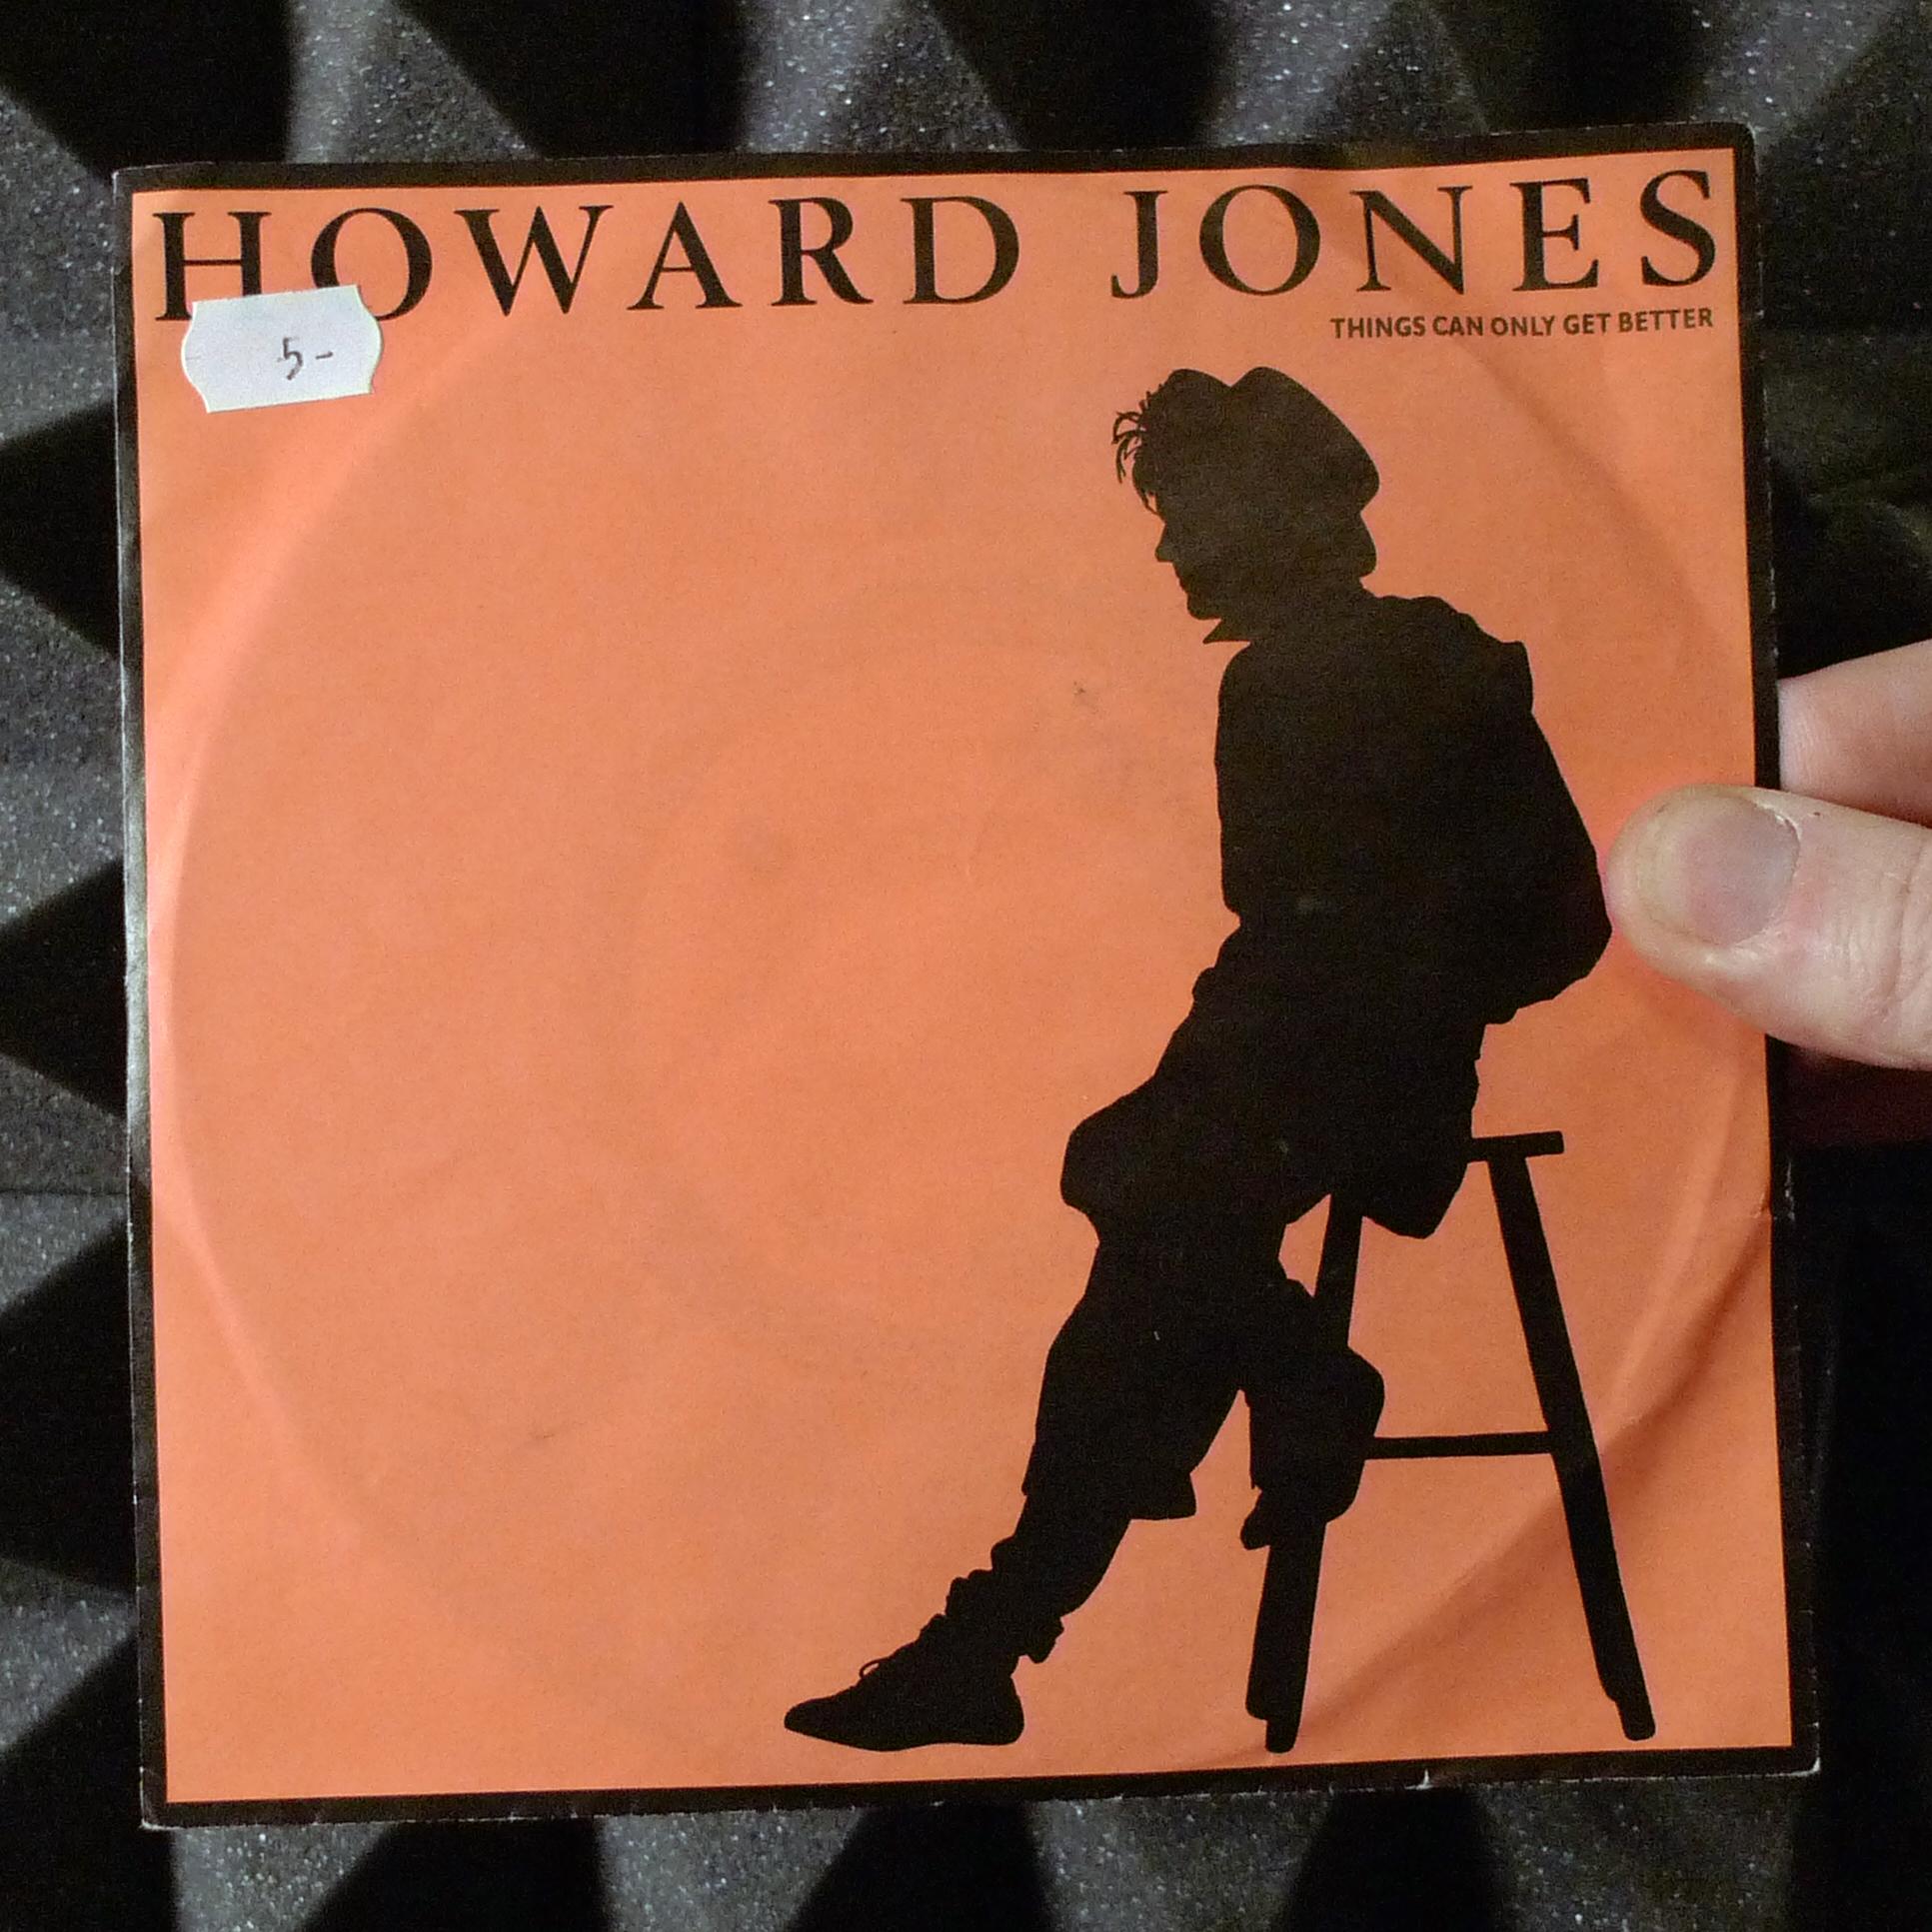 dj50s ep128 sleeve howardjones